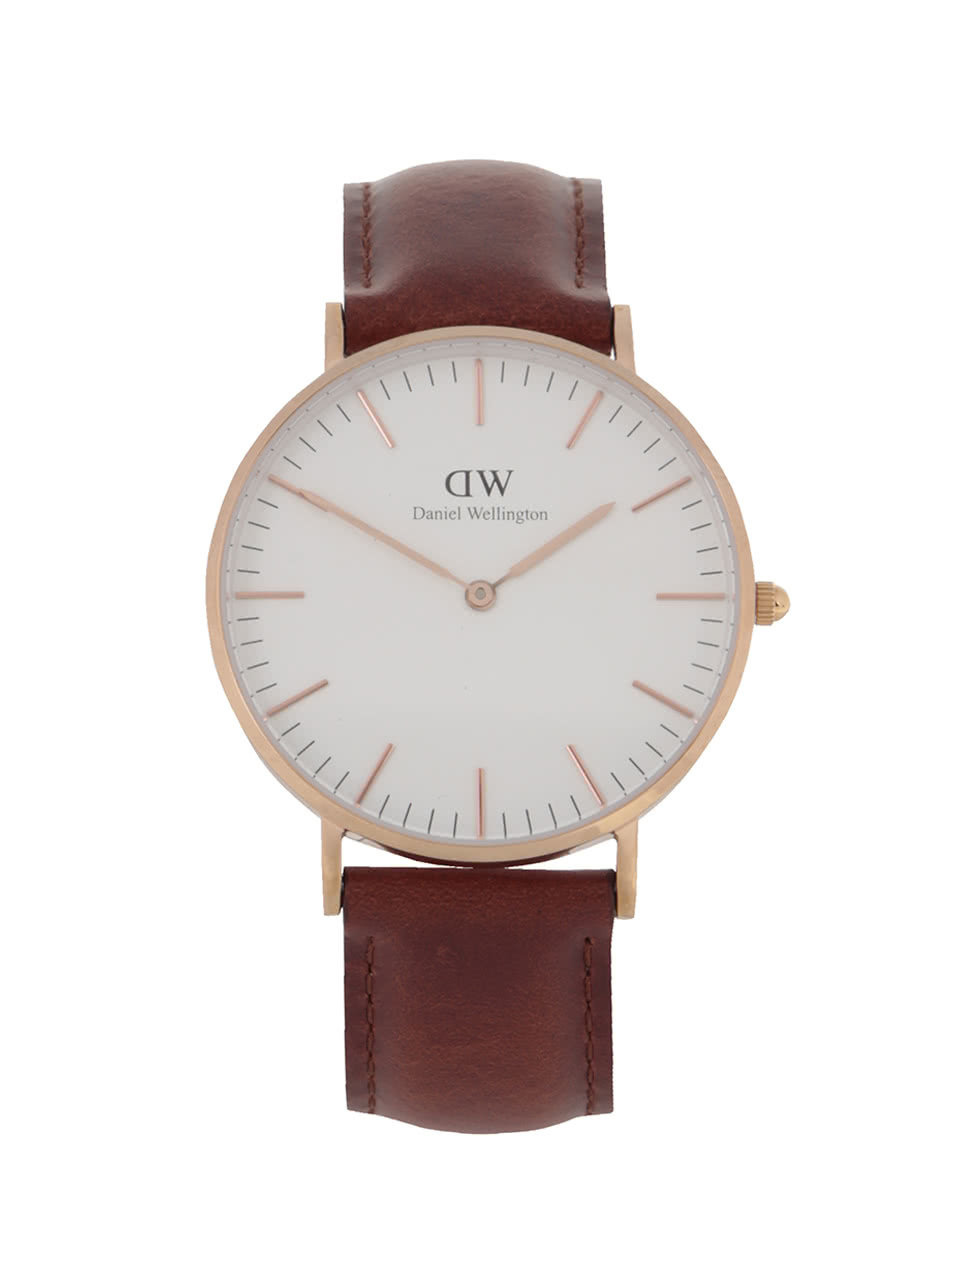 Dámské hodinky ve zlaté barvě CLASSIC St. Mawes Daniel Wellington ... 63cfd53b52f